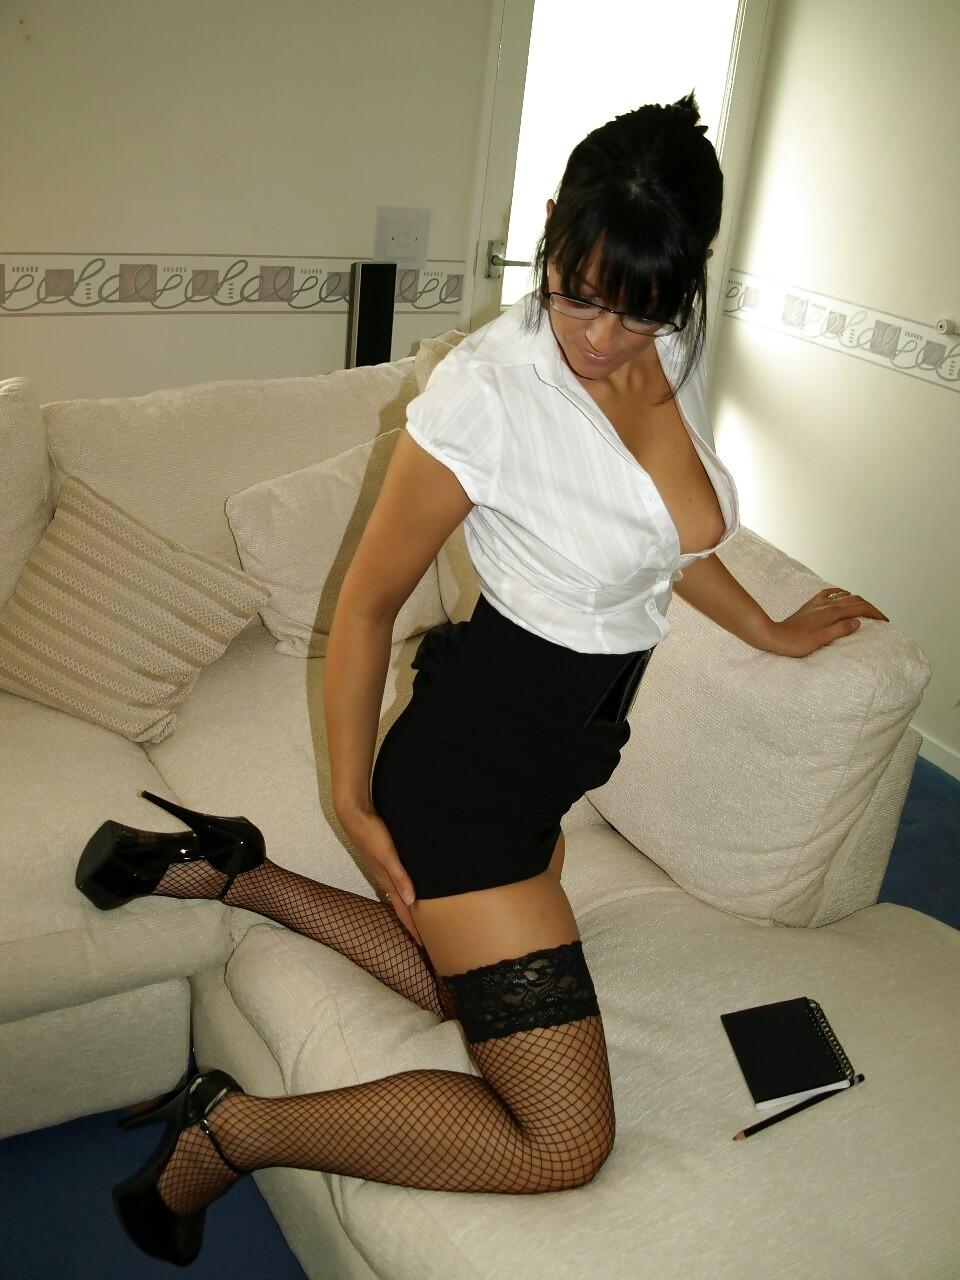 Брюнетка показывает, как она меняет образы – в любом из них она выглядит очень сексуально